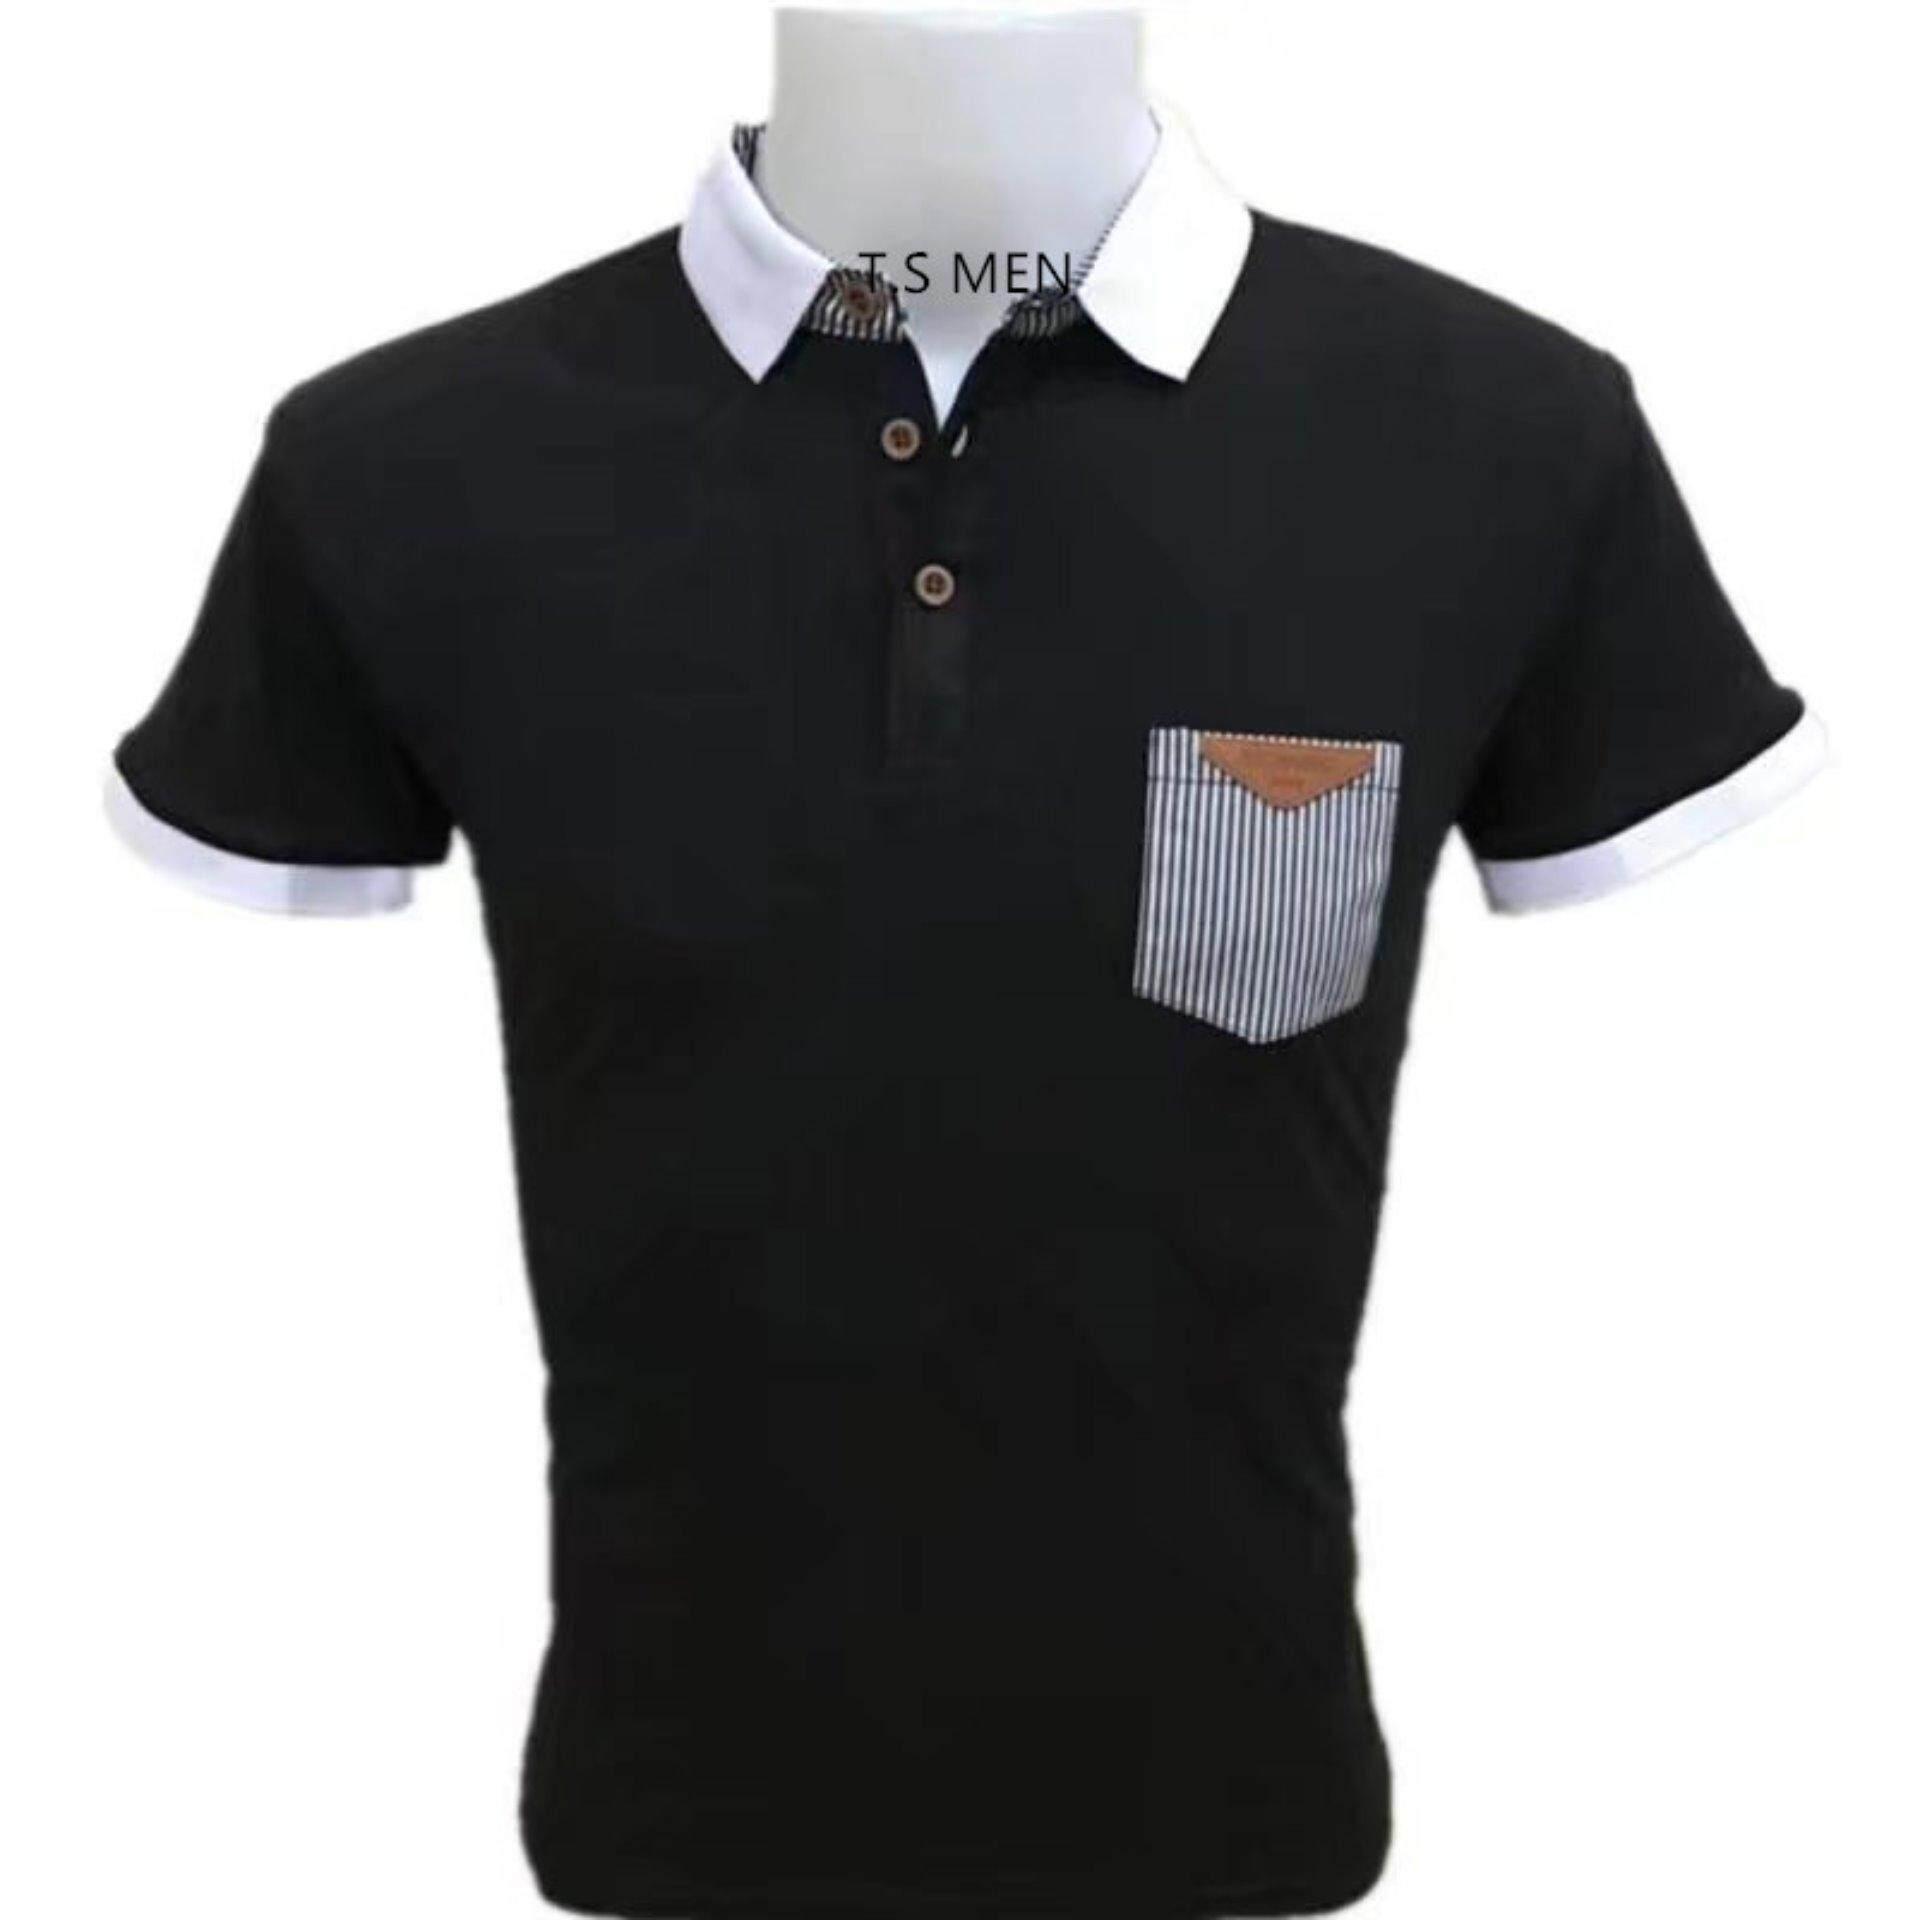 ขาย เสื้อยืดผู้ชายMen S T Shirtเสื้อยืดแฟชั่นผู้ชาย Polo Shirtเสื้อโปโล